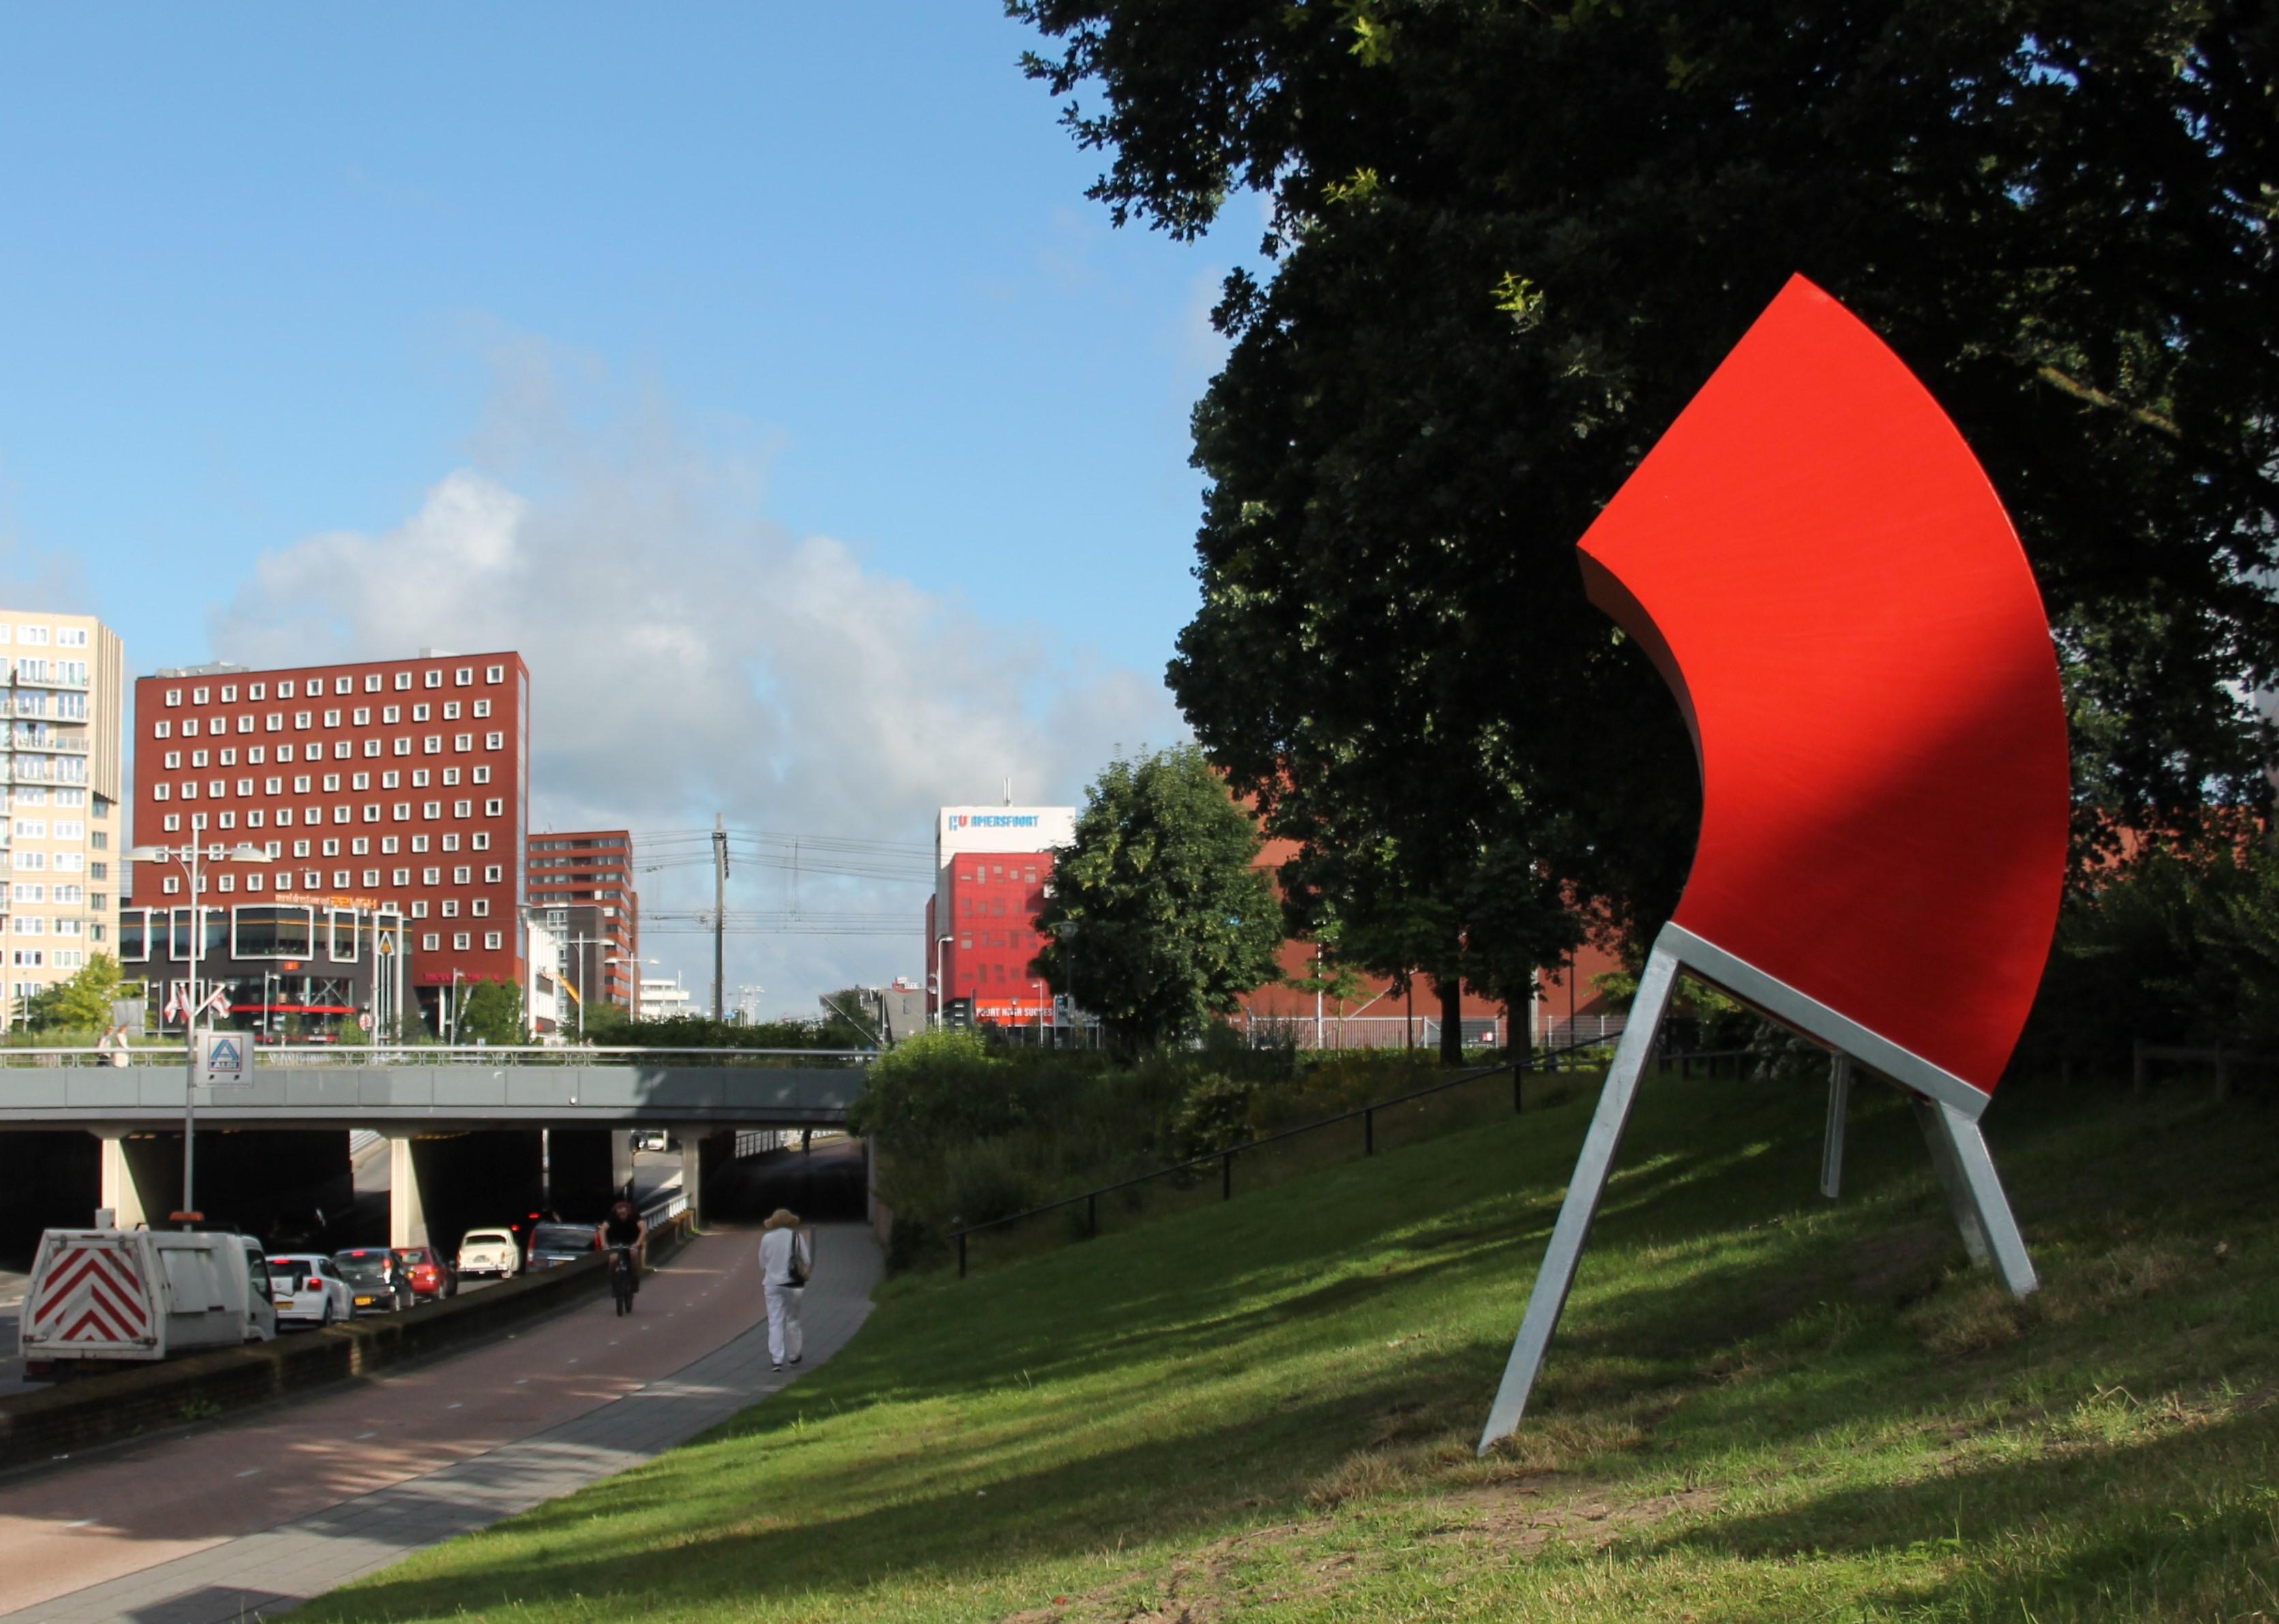 De stad vanaf je billen. Twee nieuwe stadsbanken in Amersfoort.